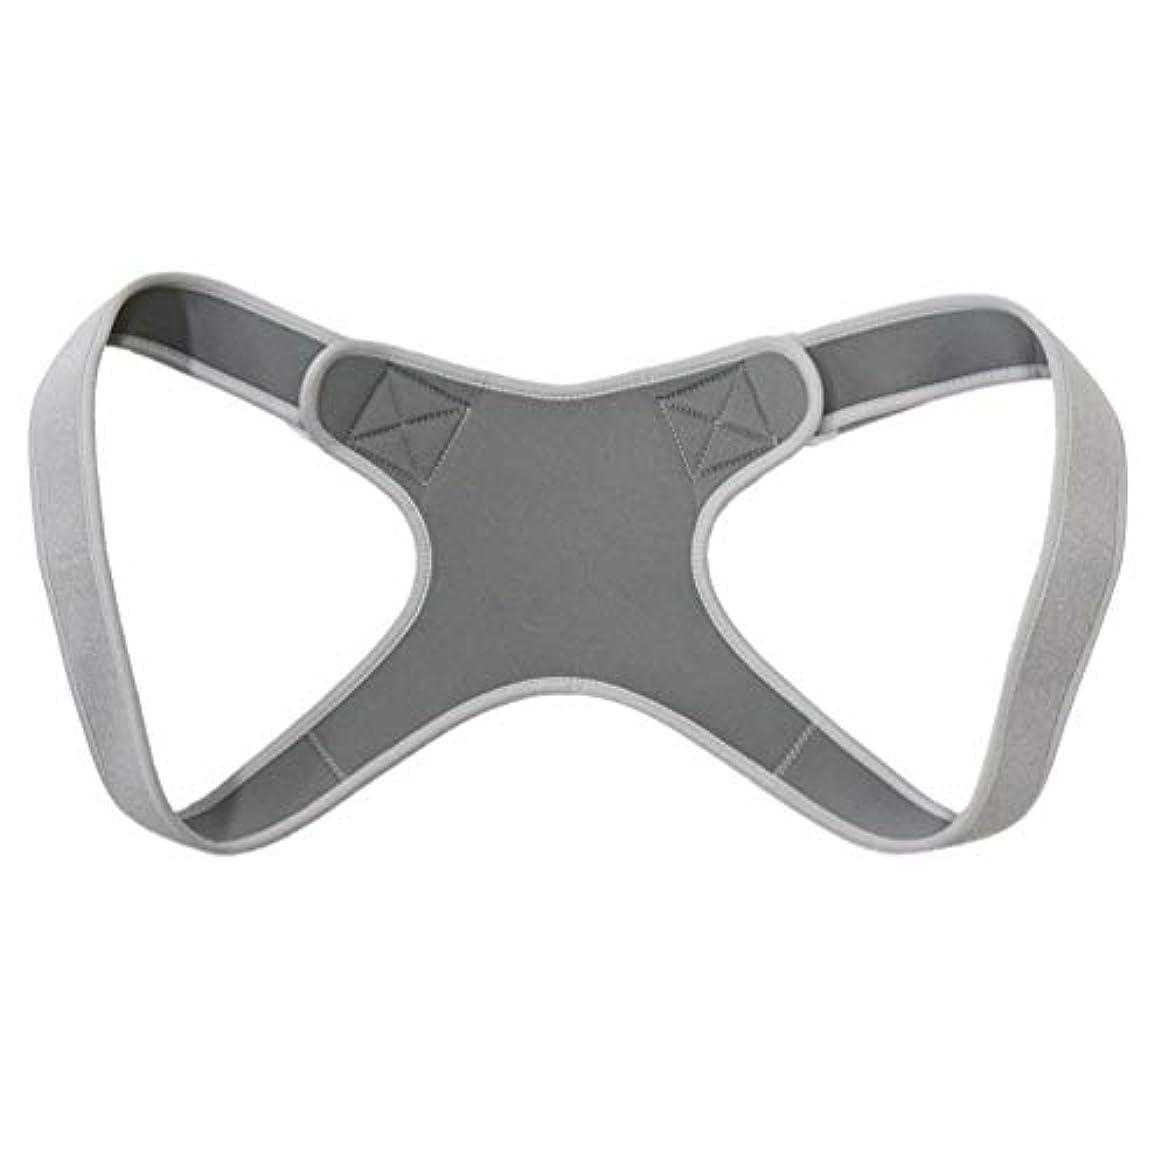 ゴミ胸エゴイズム新しいアッパーバックポスチャーコレクター姿勢鎖骨サポートコレクターバックストレートショルダーブレースストラップコレクター - グレー